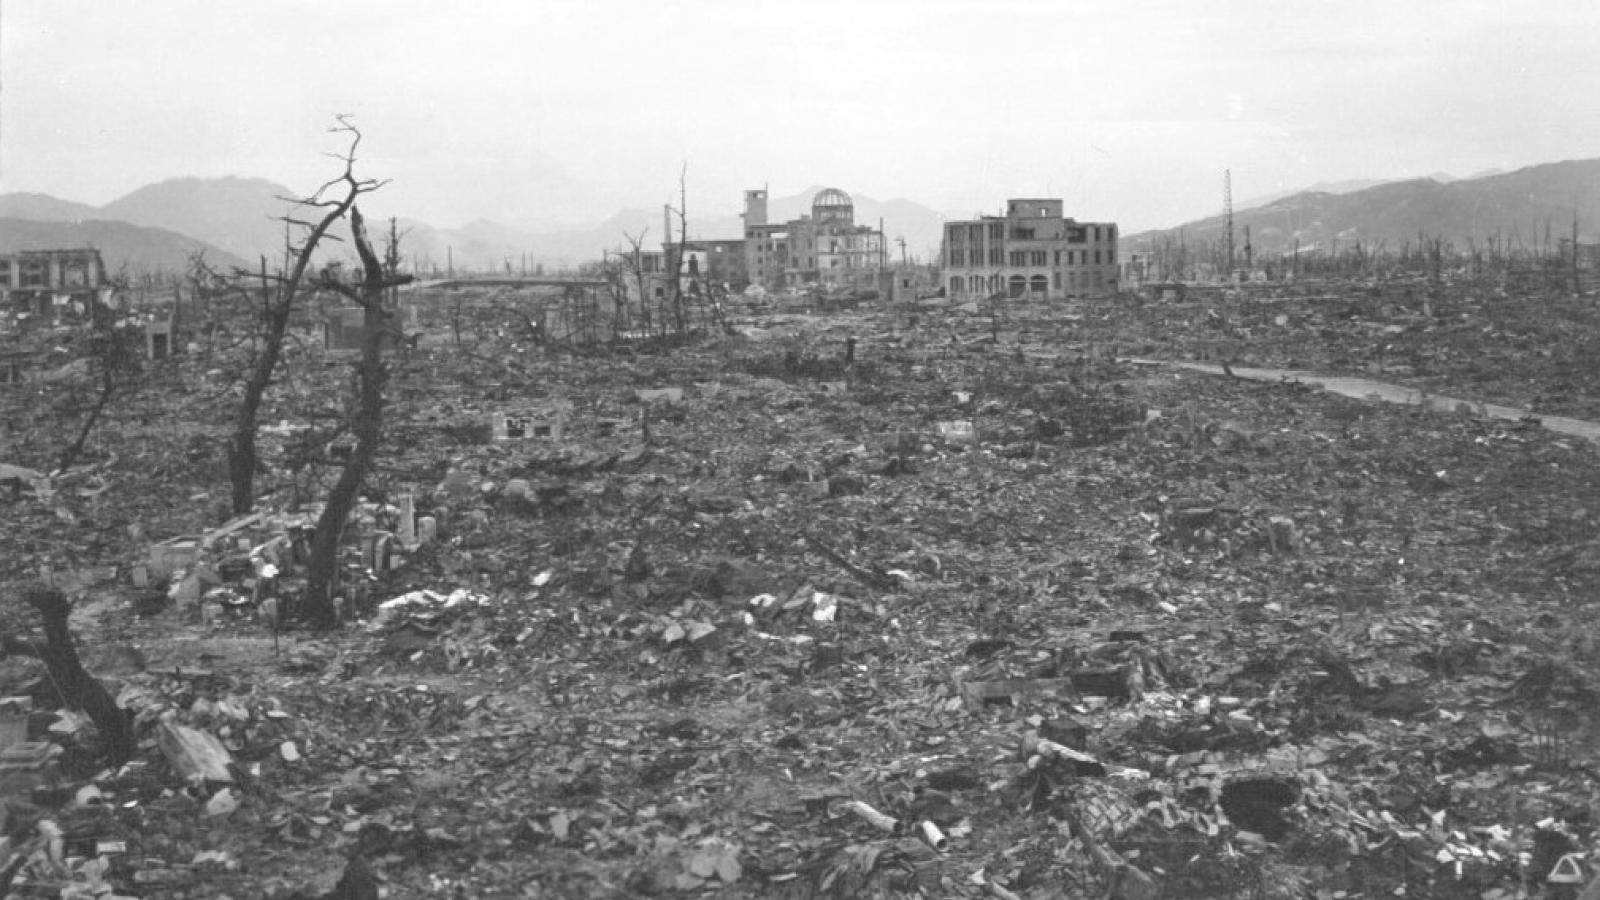 Giải mật điệp vụ đặc biệt của tình báo Liên Xô sau khi Mỹ ném bom nguyên tử Nhật Bản